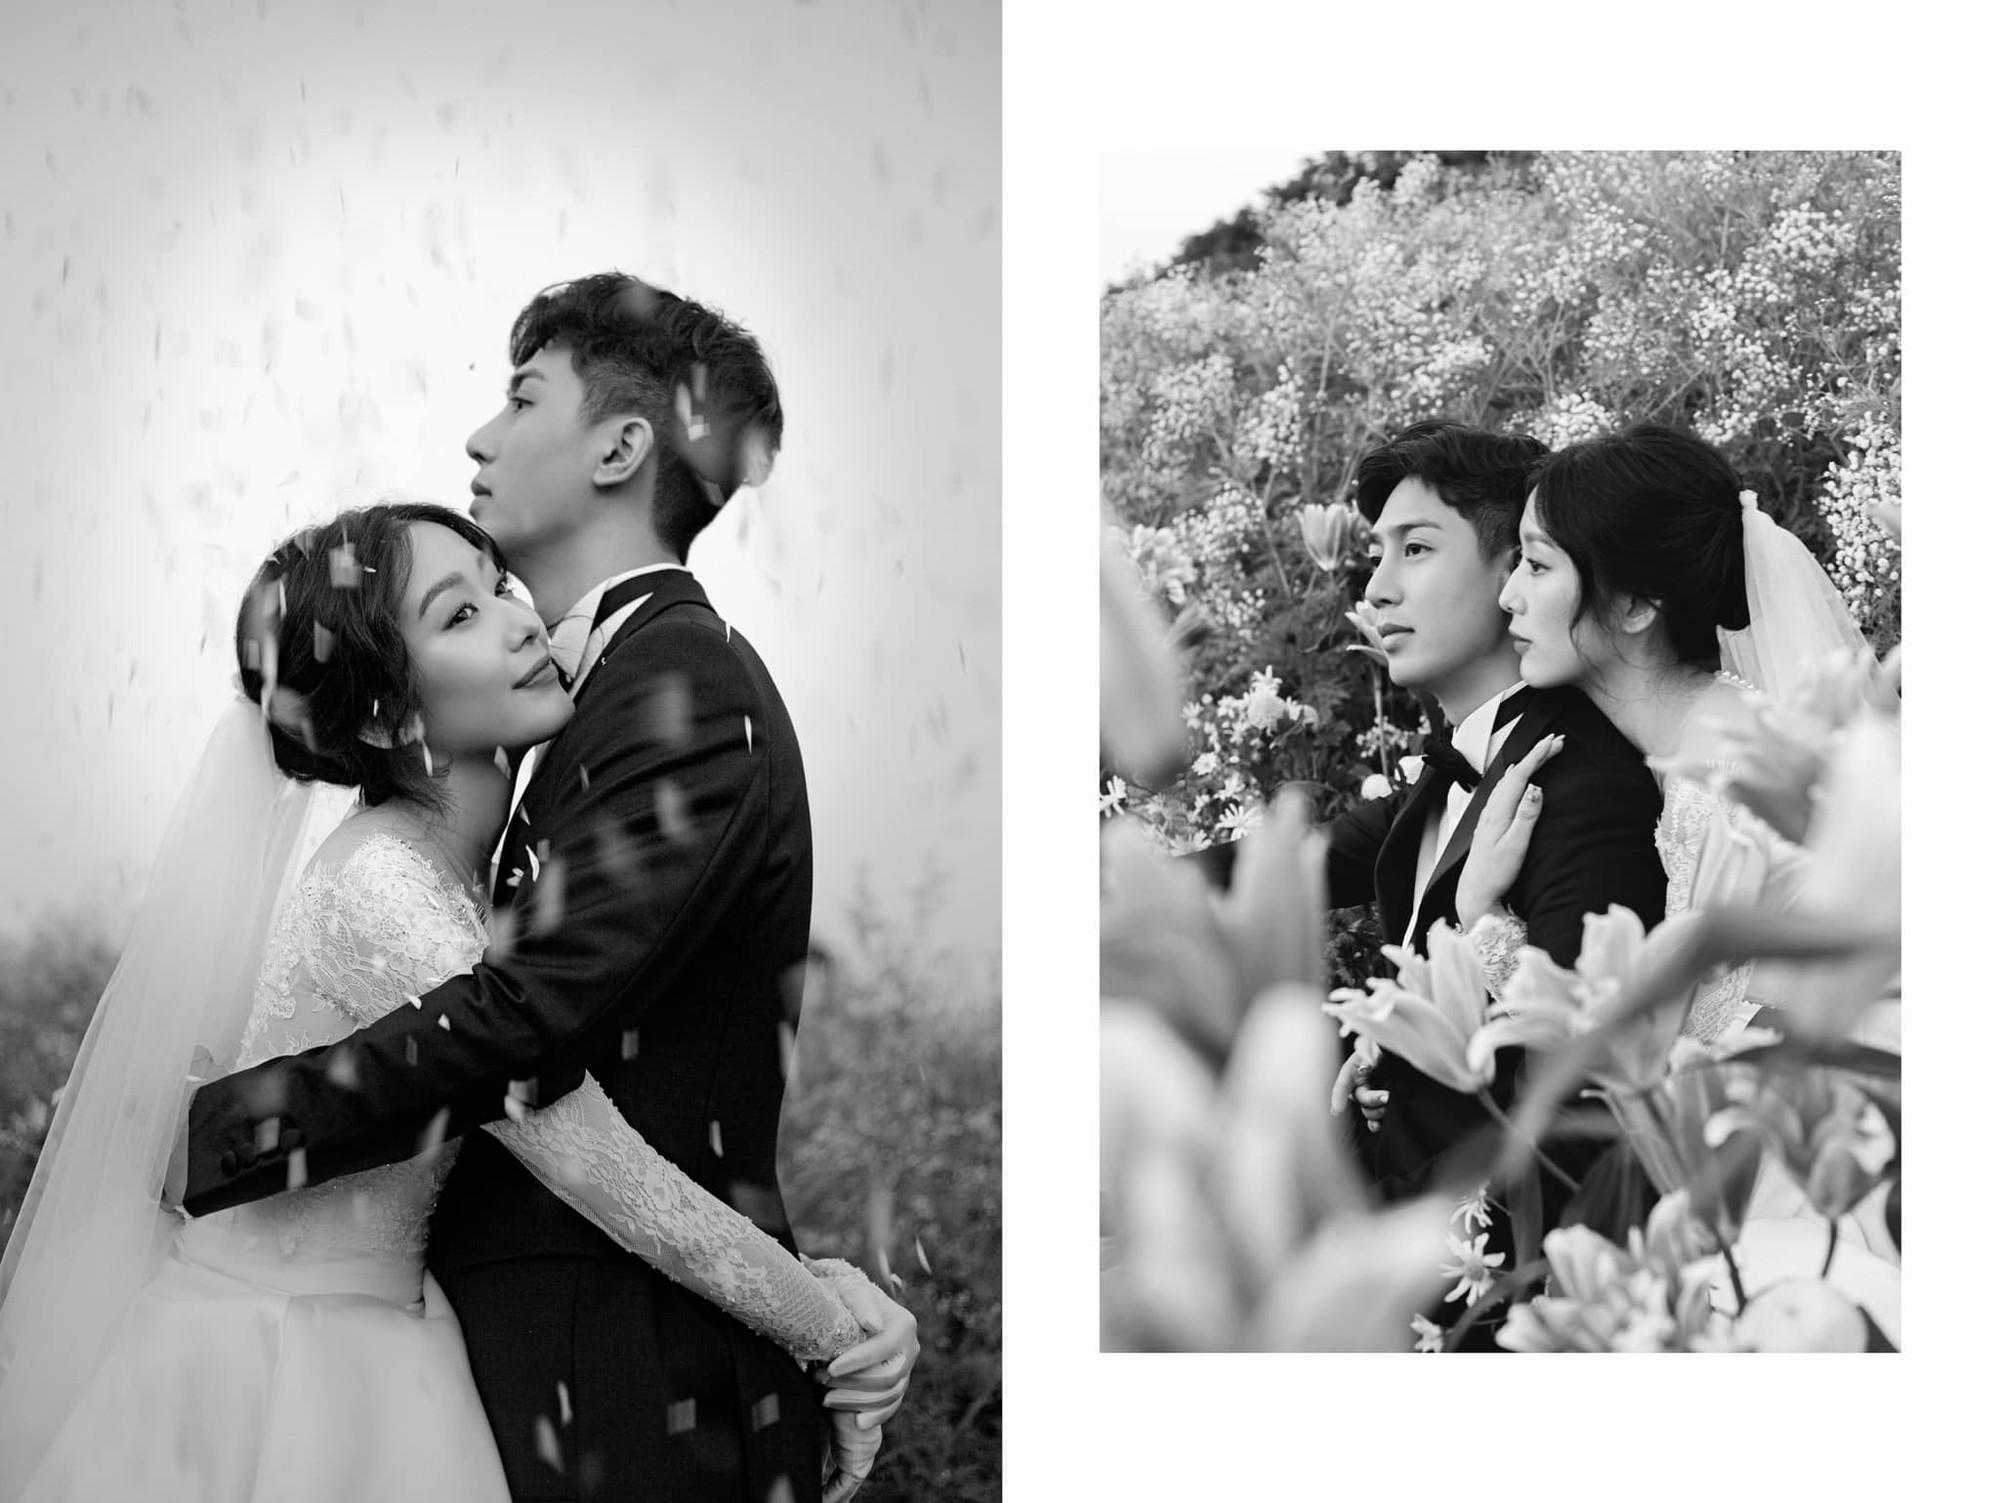 Xài chiêu cưa cẩm bằng trà sữa, chàng chủ shop điển trai cưới được luôn nàng mẫu ảnh xinh như Yoon Eun Hye - Ảnh 9.